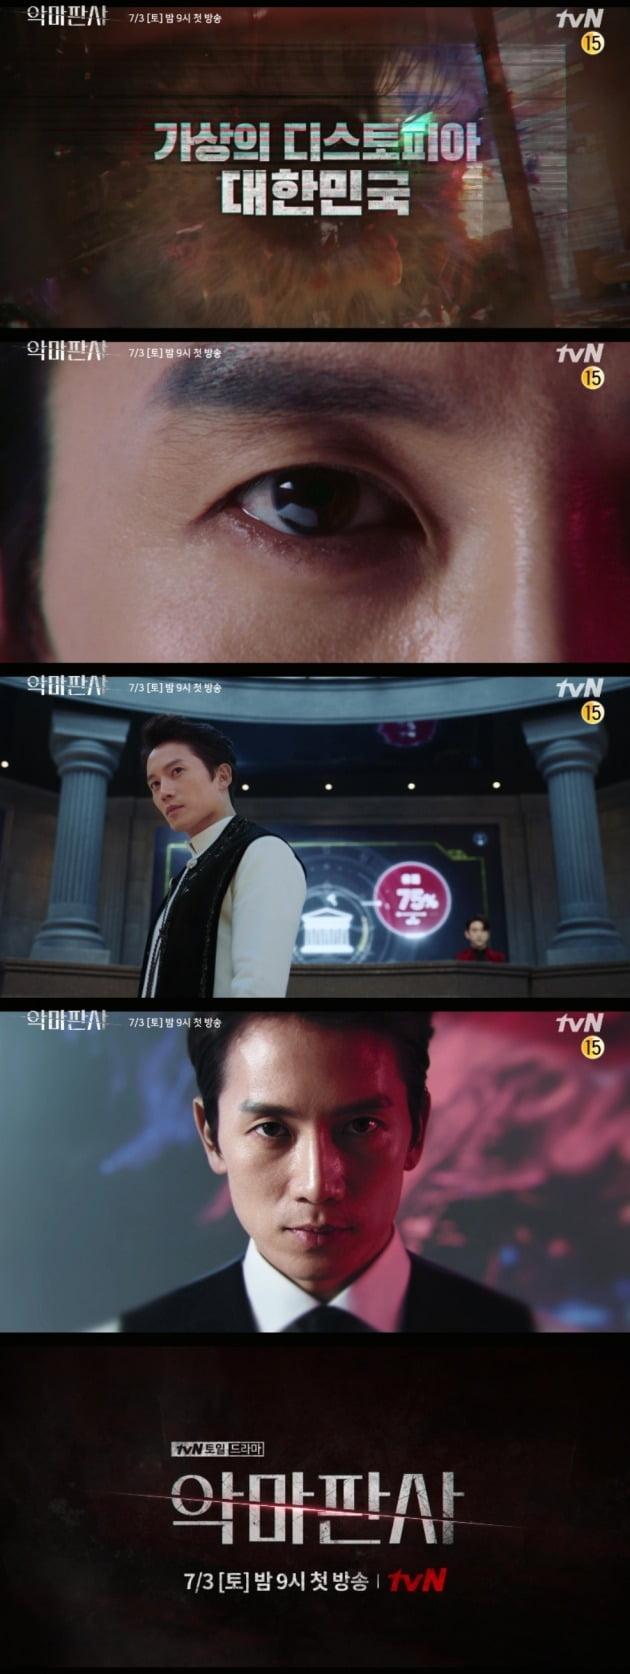 '악마판사' 티저 영상./사진제공=tvN